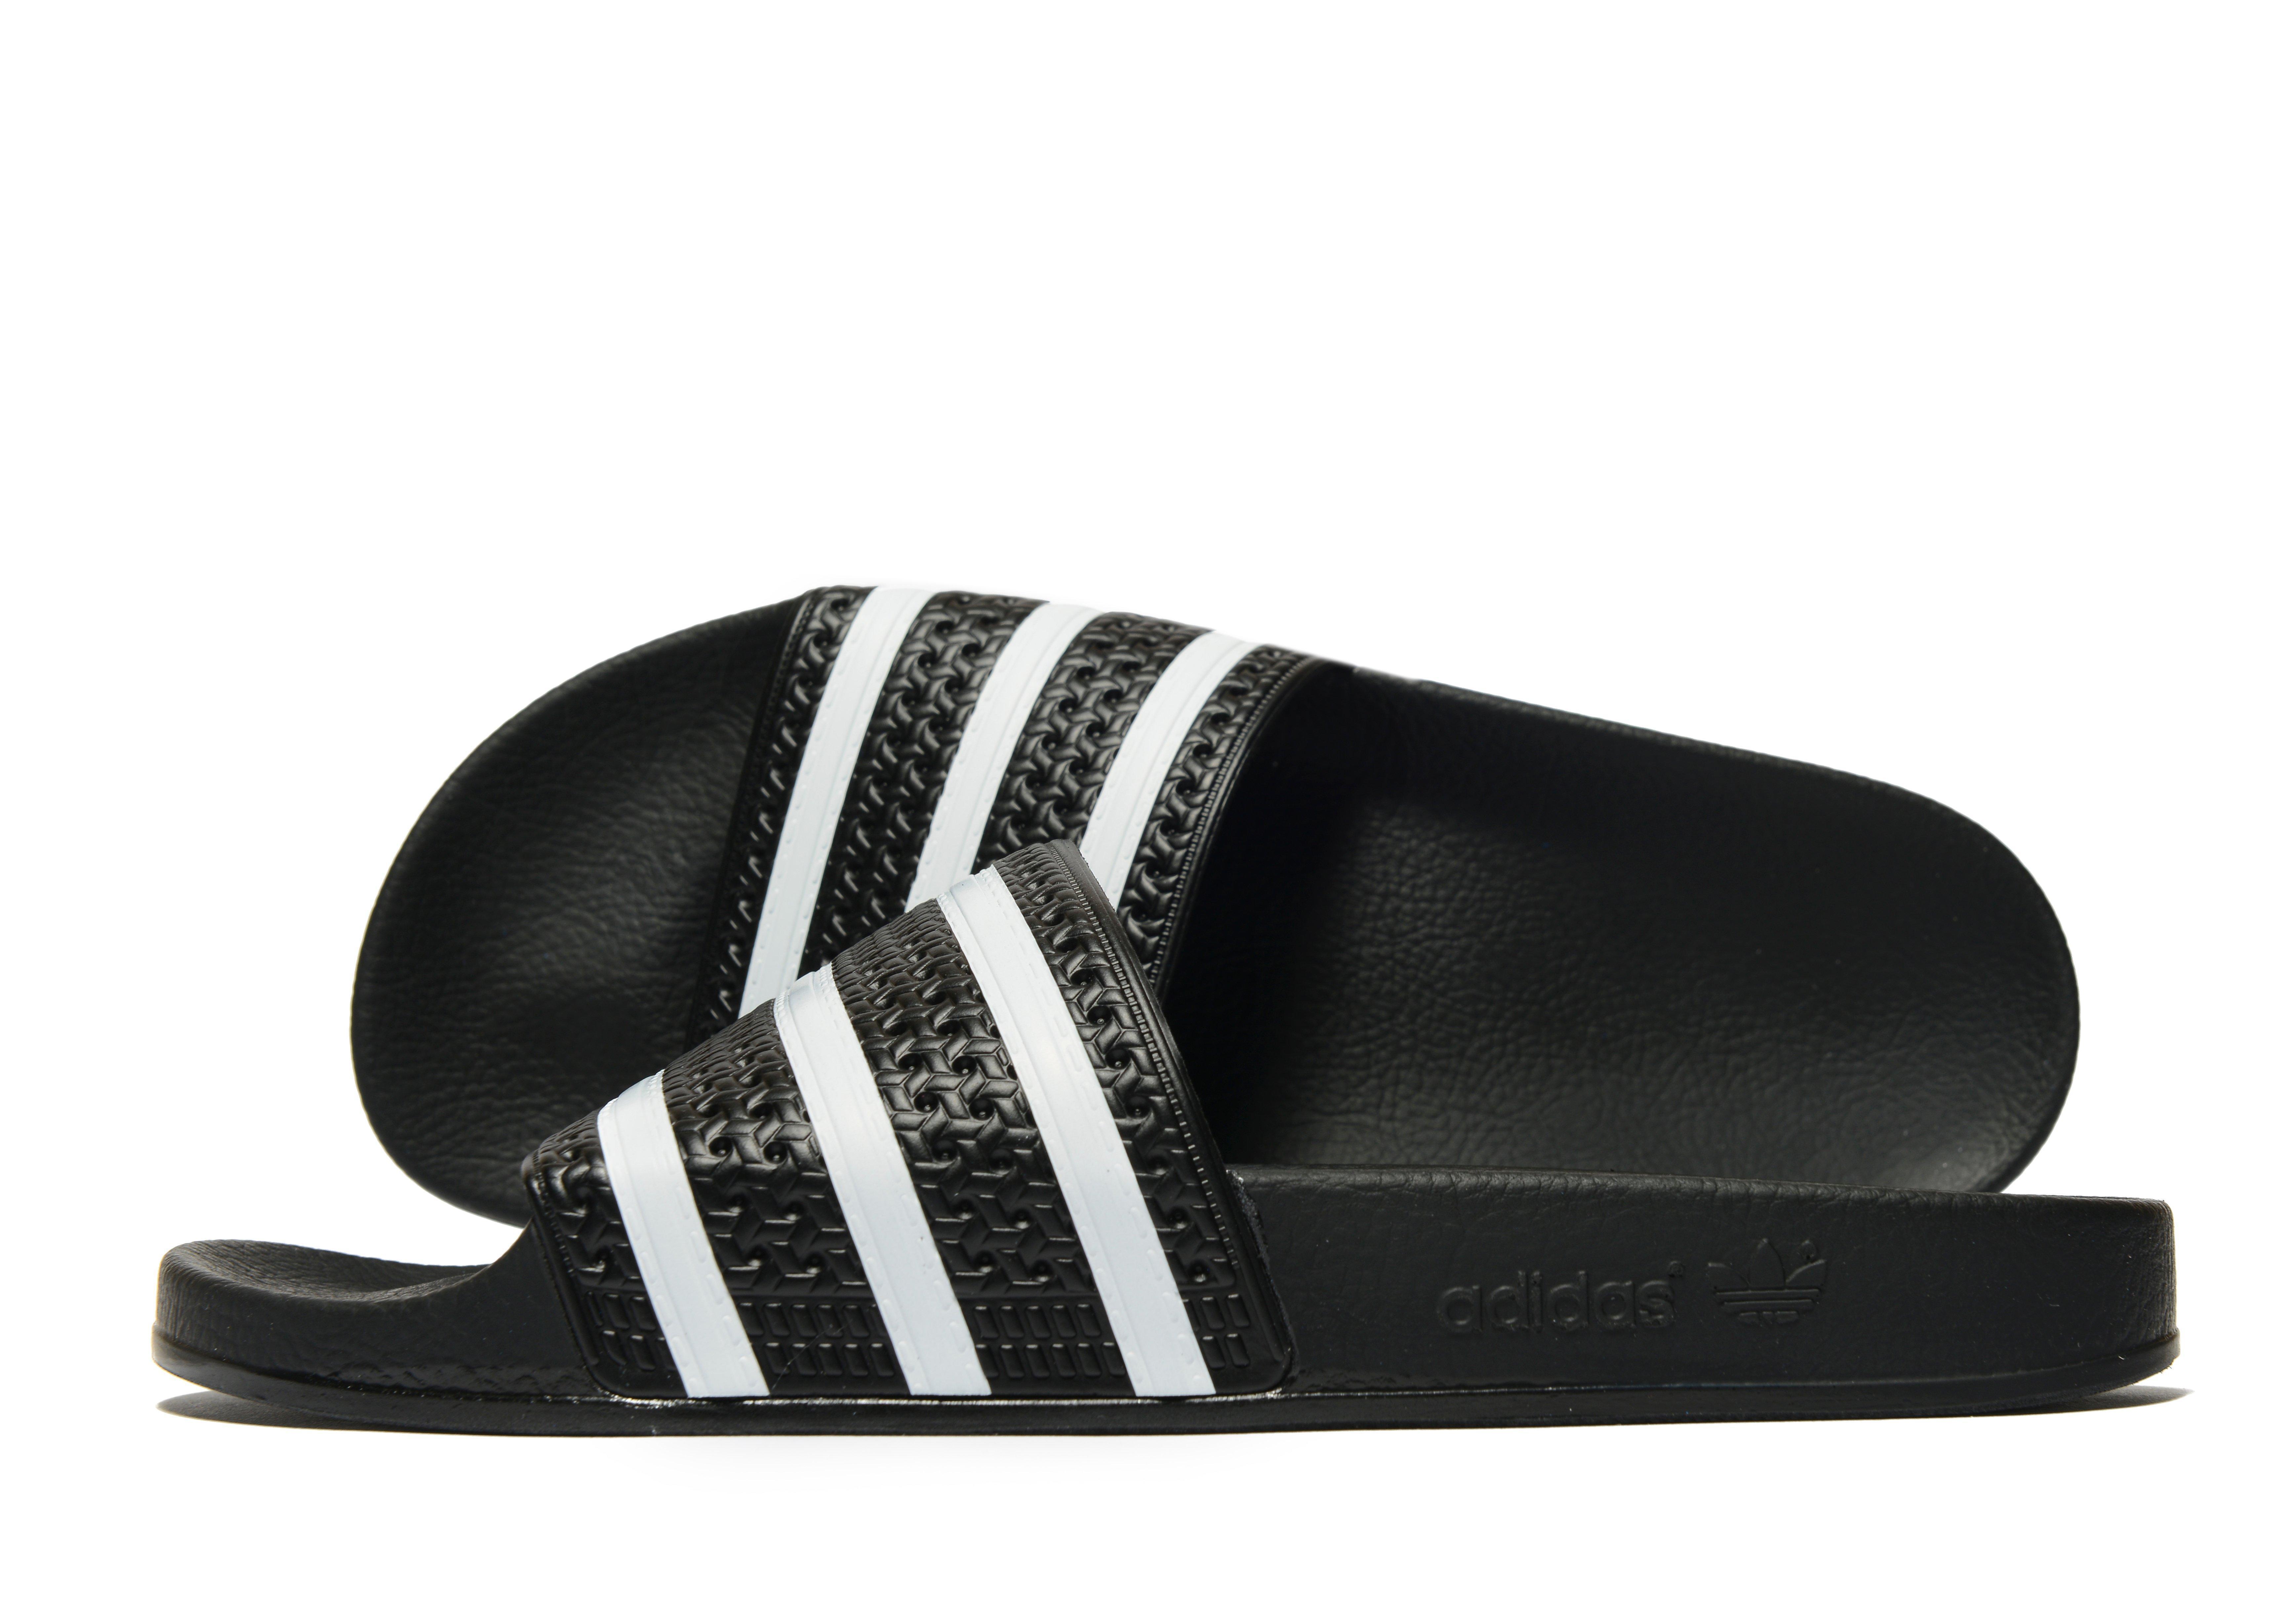 a002f88af8d609 Adidas Originals Adilette Slides in Black for Men - Lyst